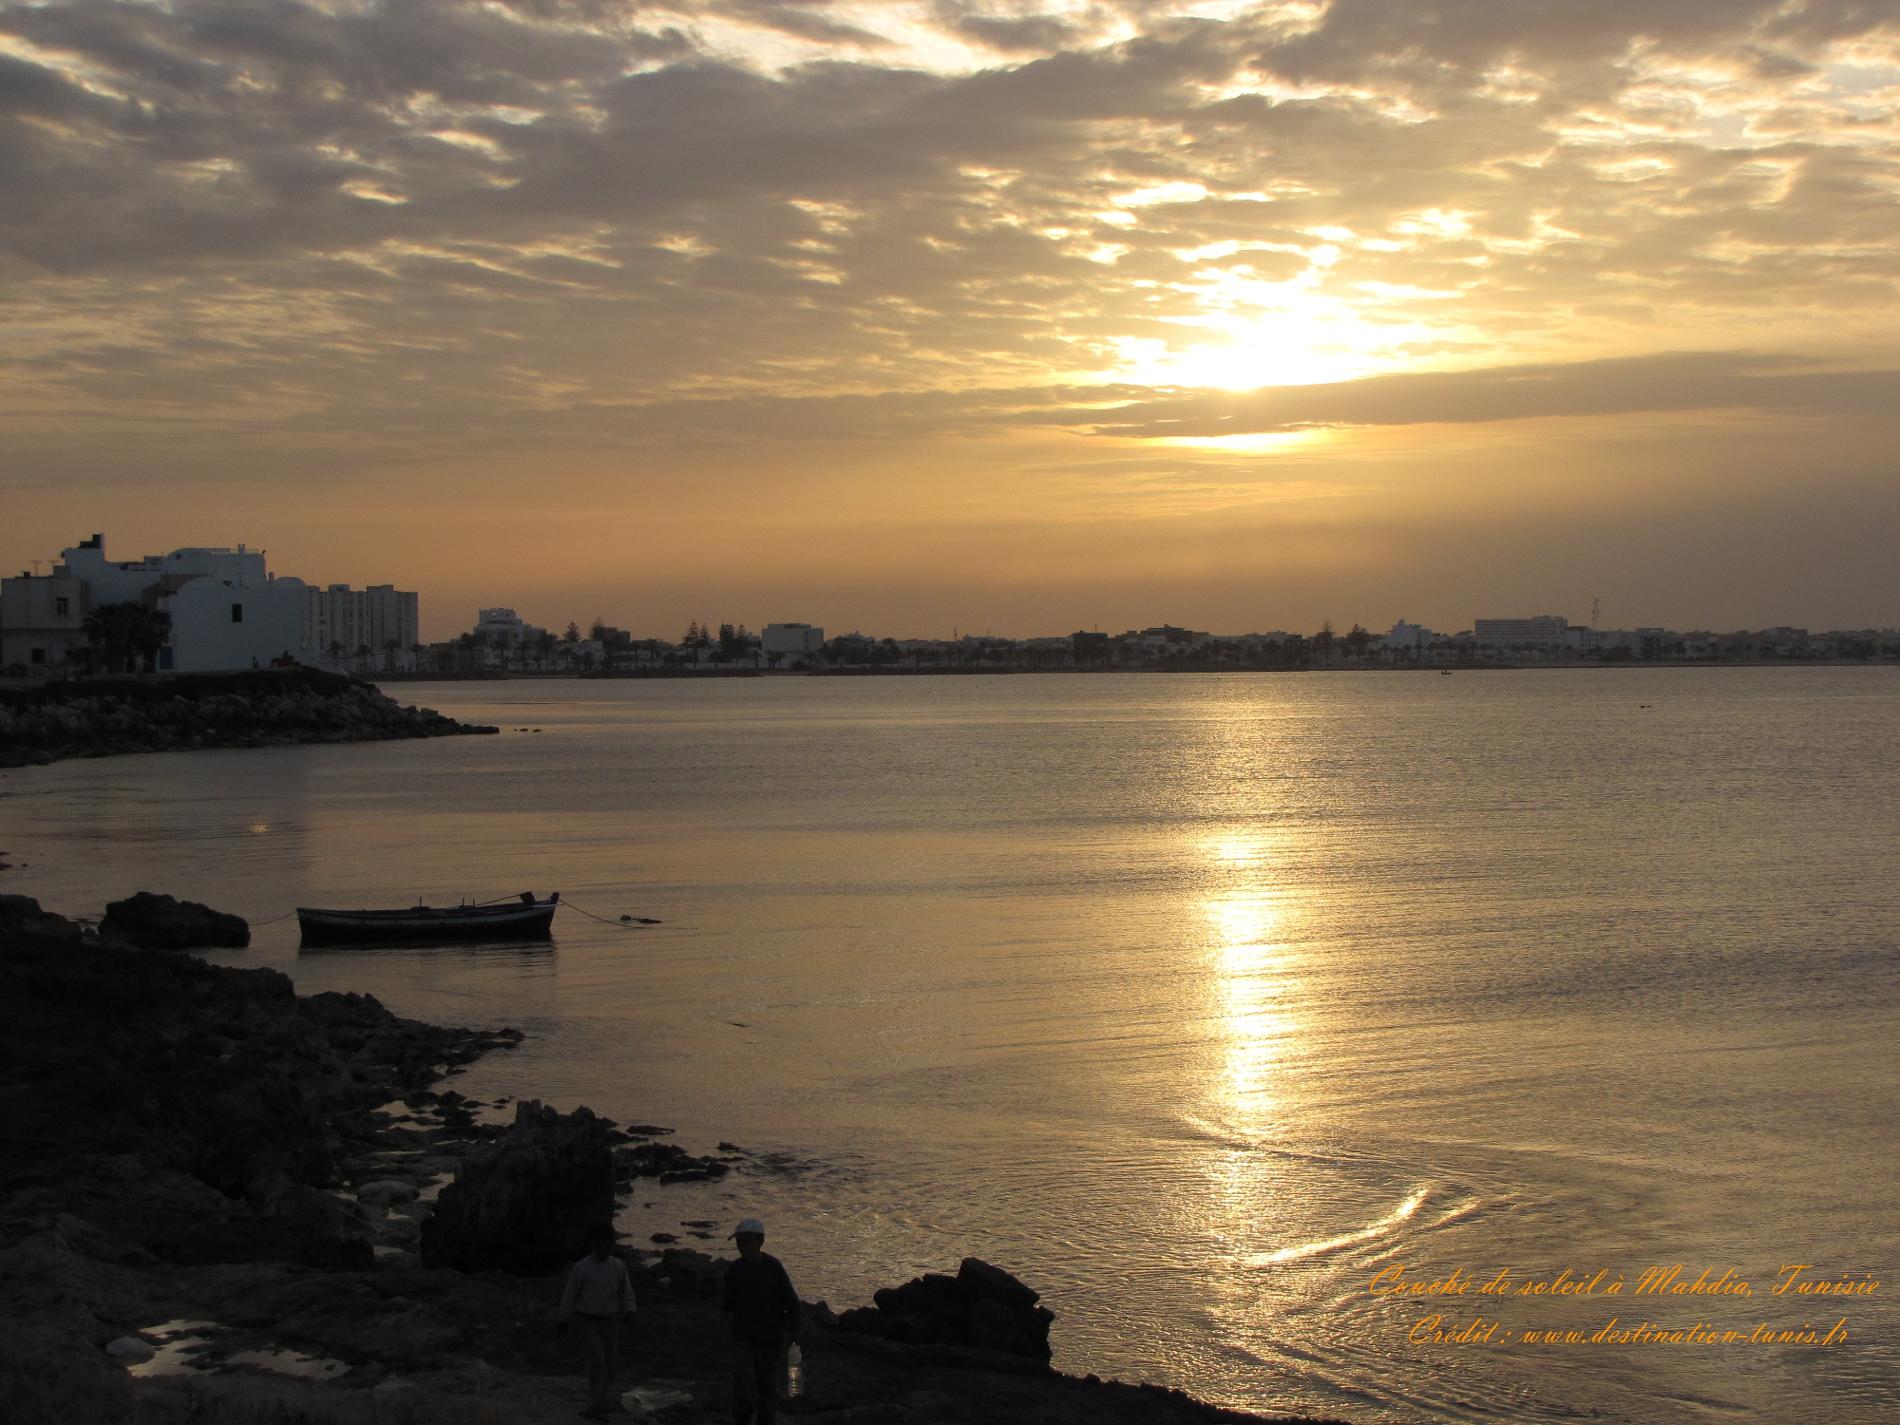 Fonds d 39 cran de tunisie la mer destination tunis - Fond ecran coucher de soleil sur la mer ...